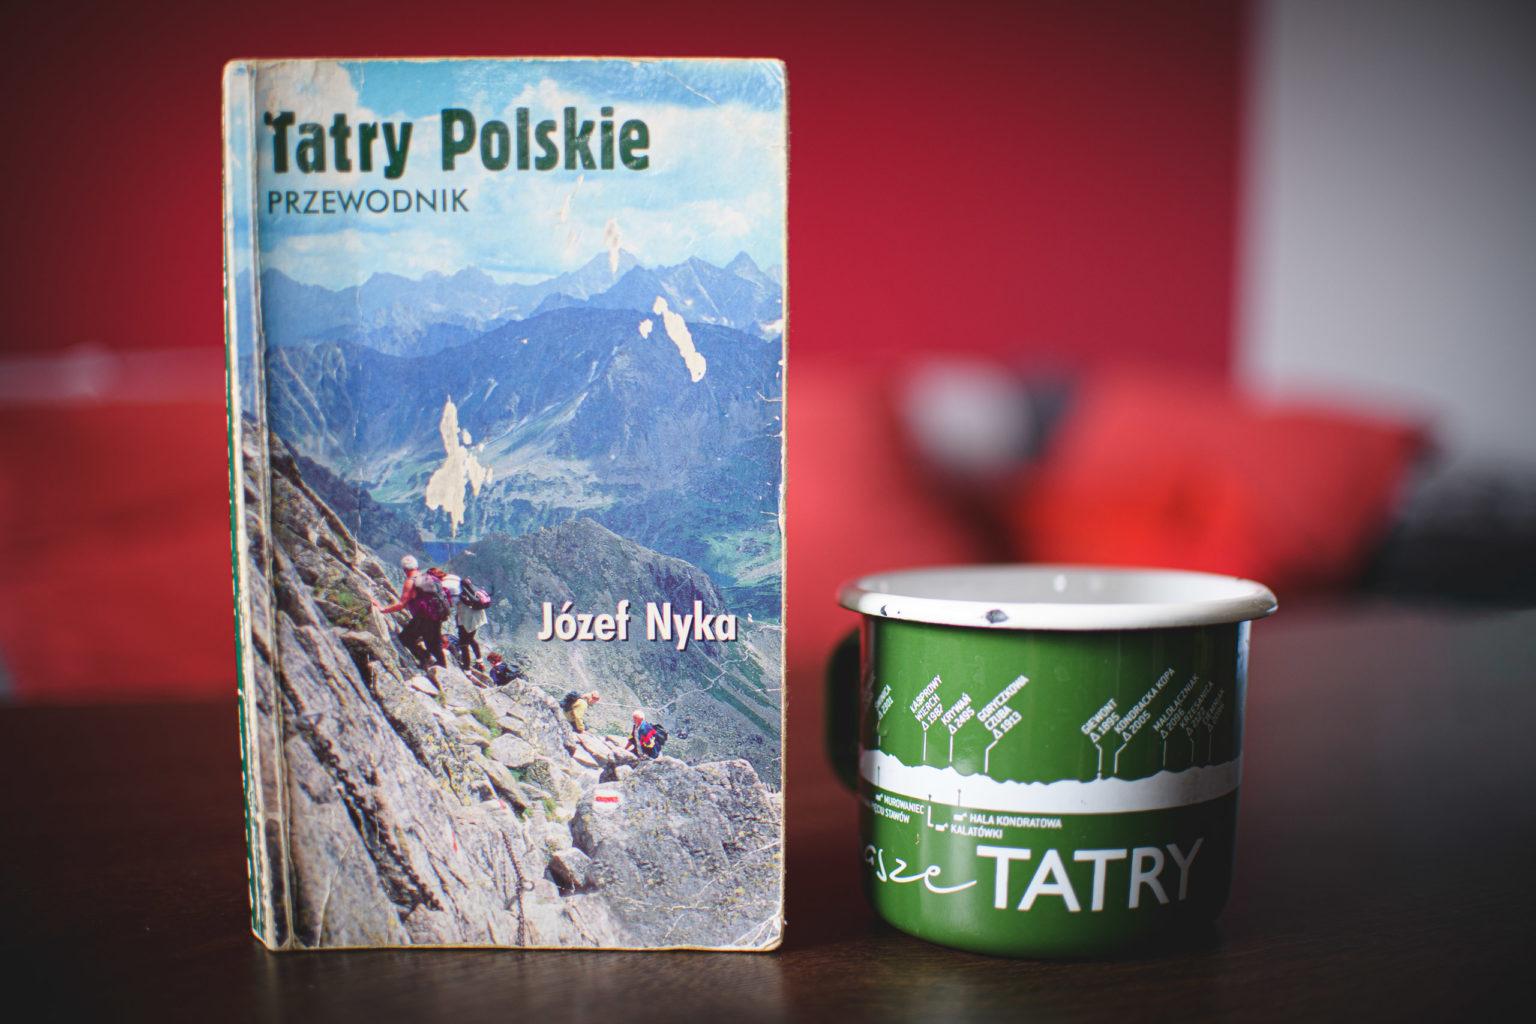 Tatry Polskie Jóżefa Nyki